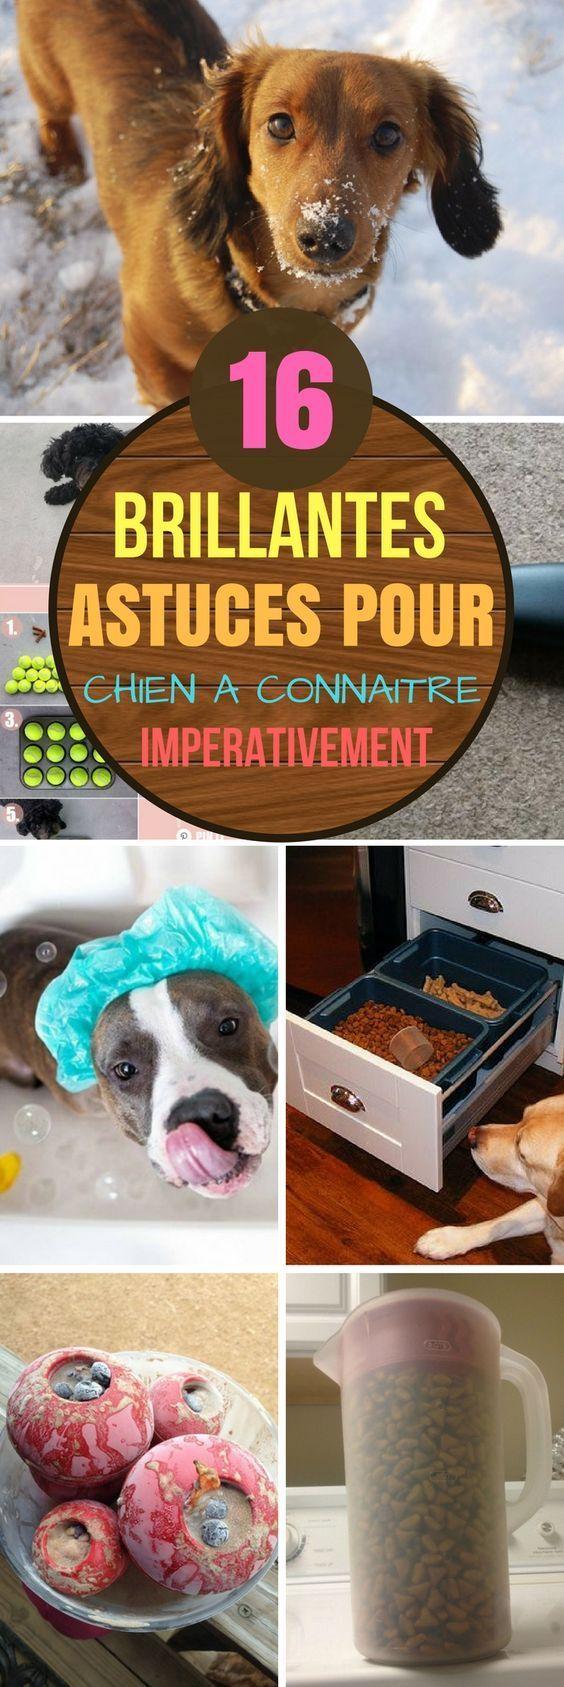 16 ASTUCES POUR CHIEN A CONNAITRE IMPÉRATIVEMENT #astuces #trucs #trucsetastuces #chien